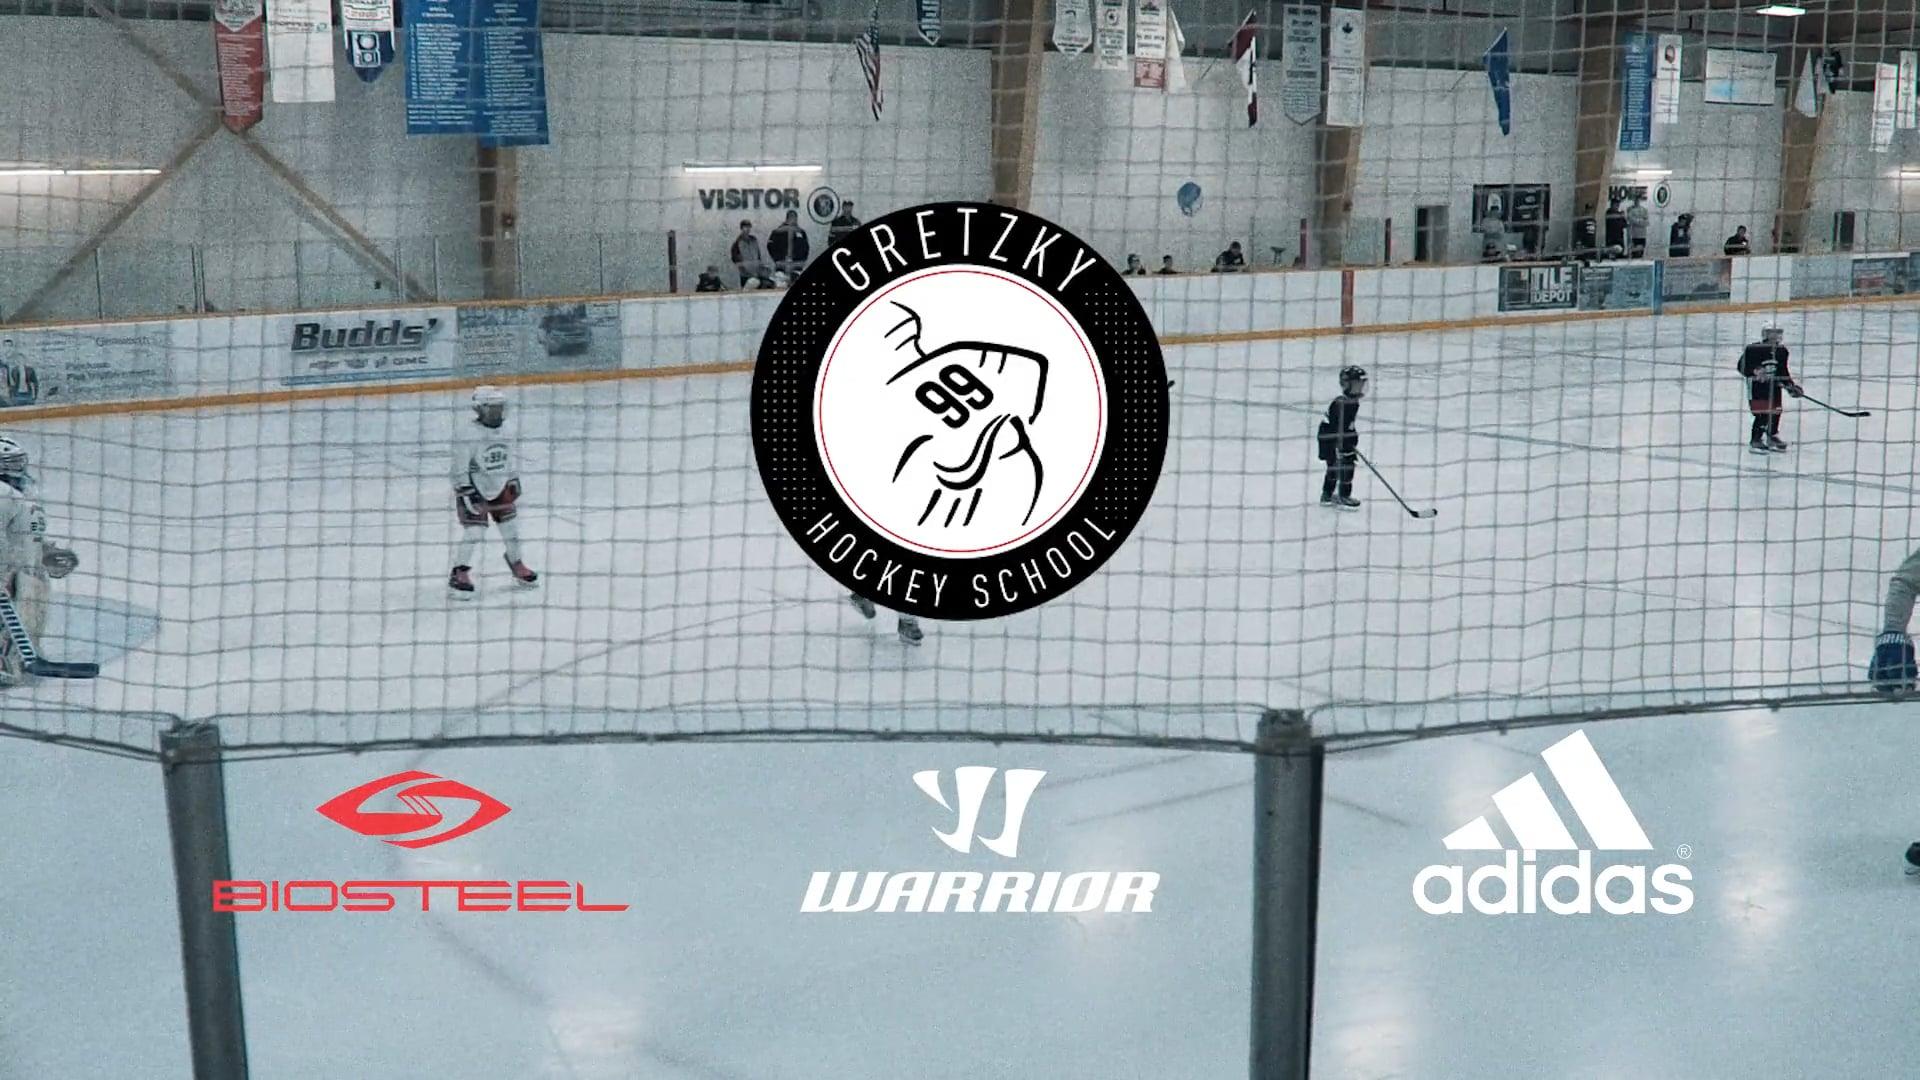 Gretzky Hockey School